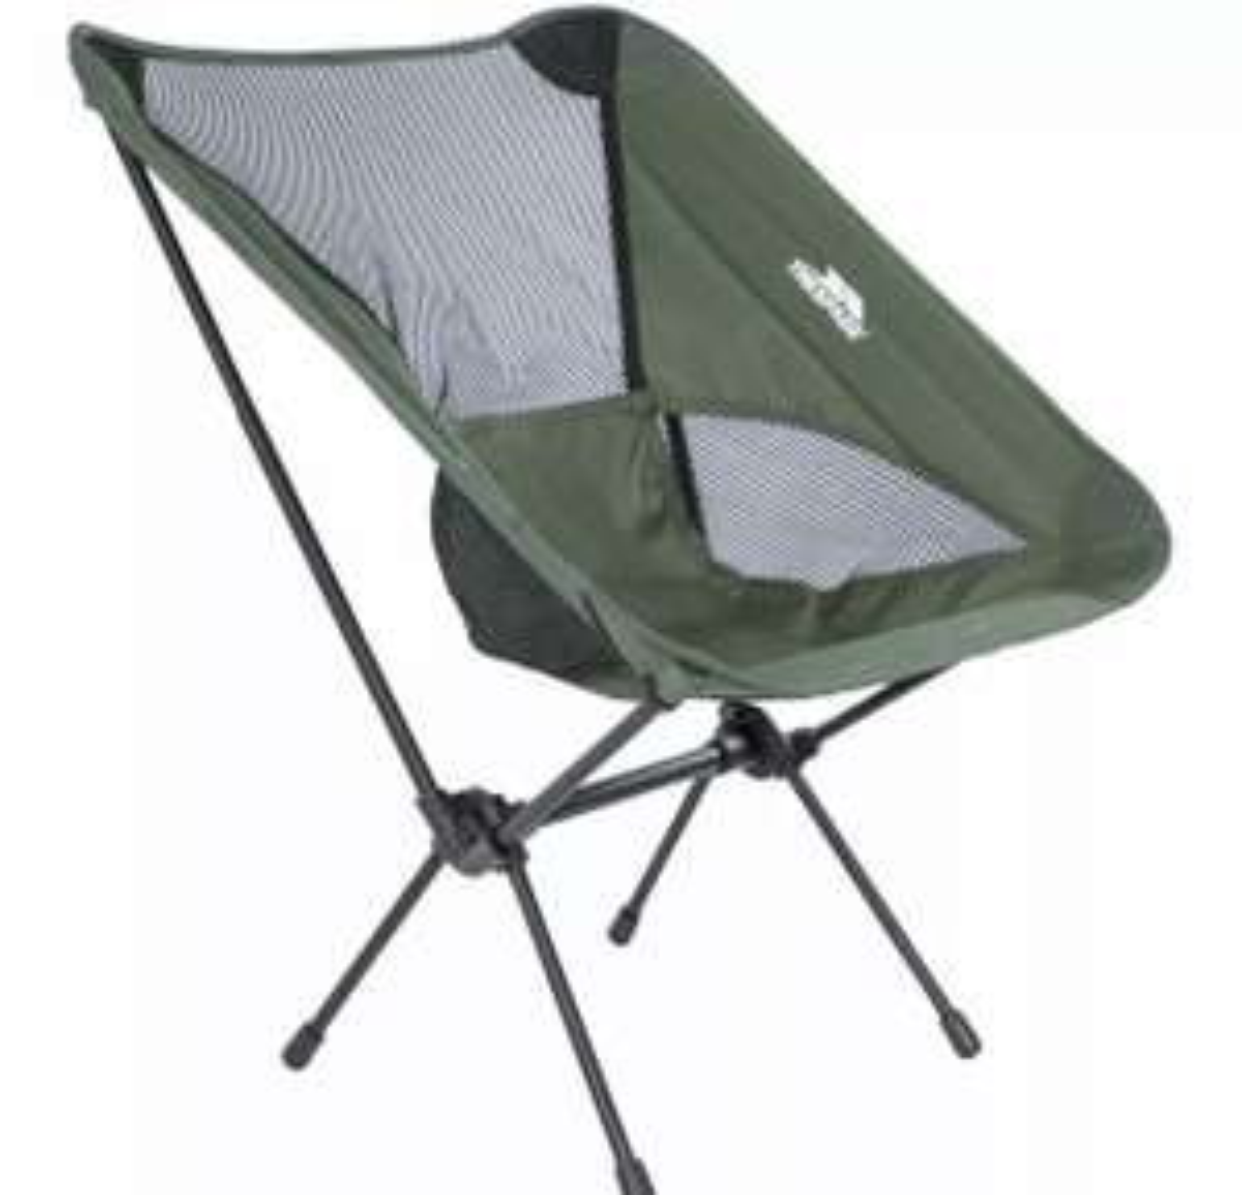 Trespass Lightweight Folding Camping Chair With Carry Bag £19.99 @ ebay / trespass